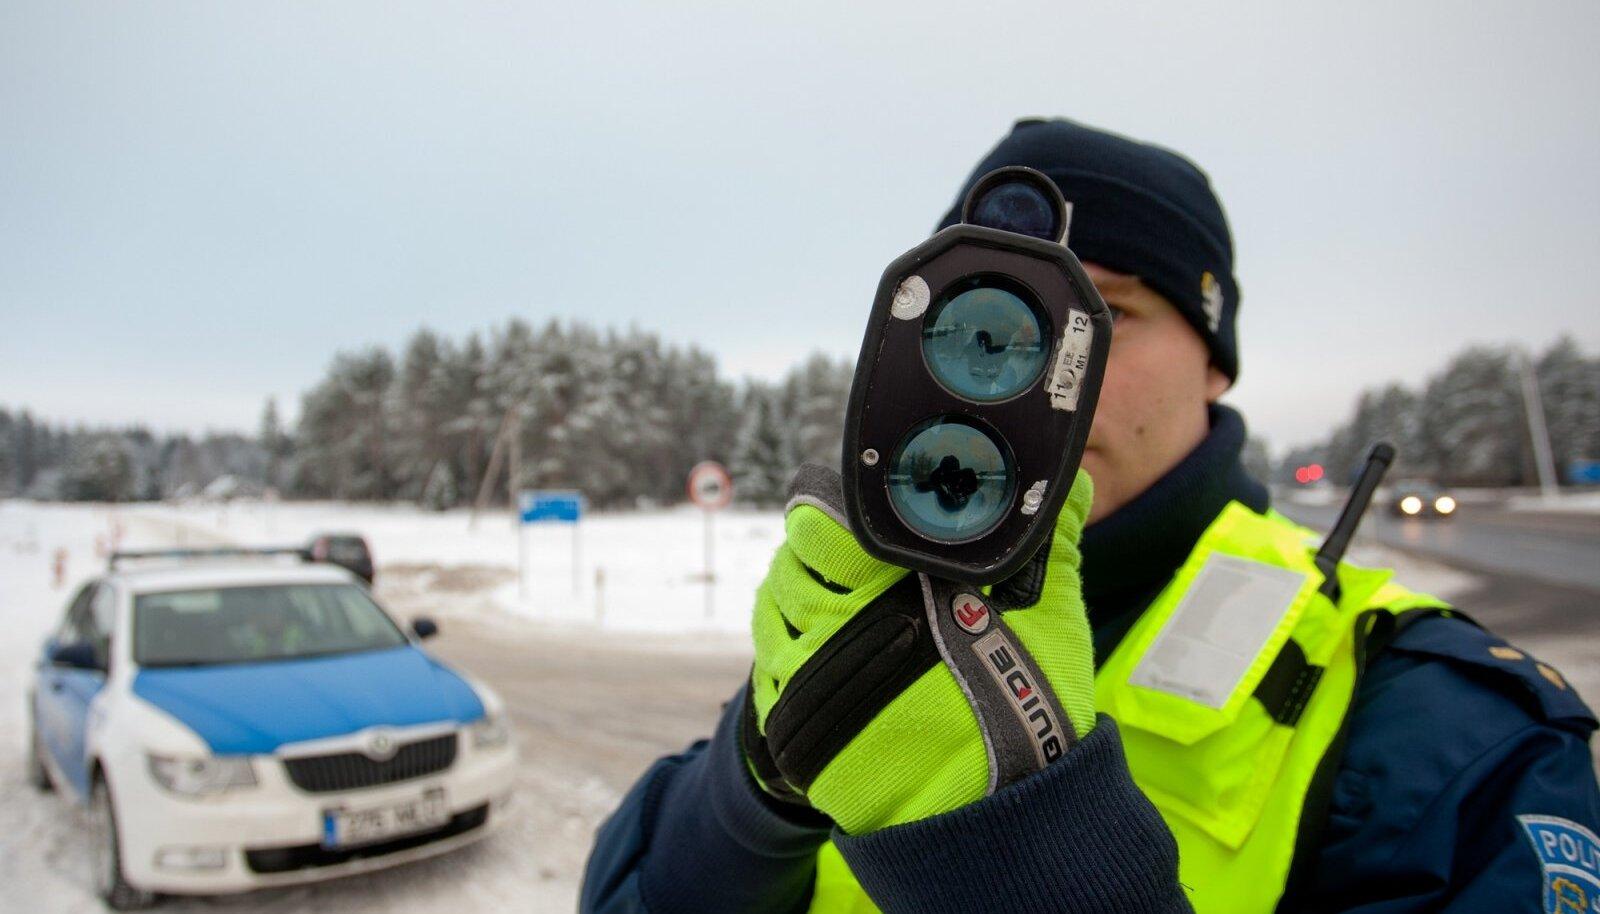 Liikluspolitsei mõõtis Tartu lähedal sõitva auto kiiruseks 190 km/h.